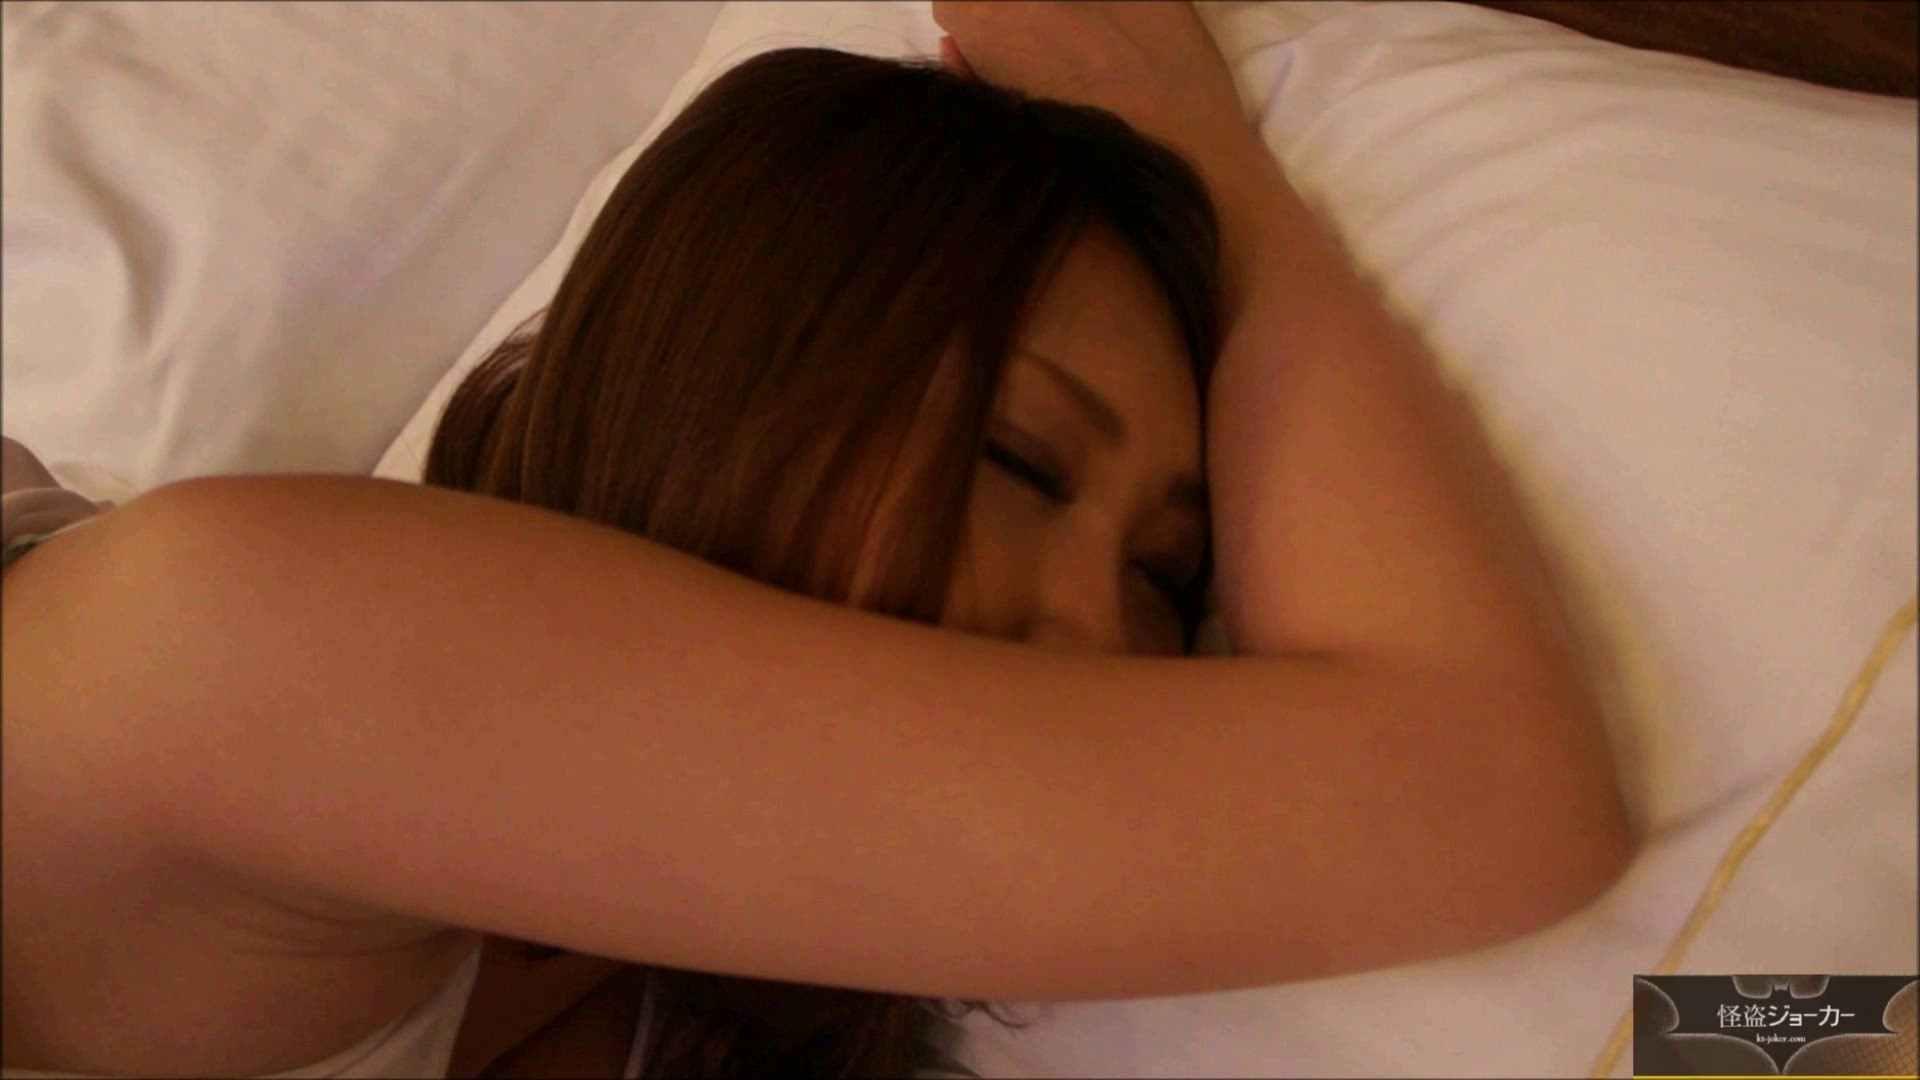 【未公開】vol.11 【美人若妻】早苗さん・・・誘われた夜。 細身体型 セックス画像 99枚 4